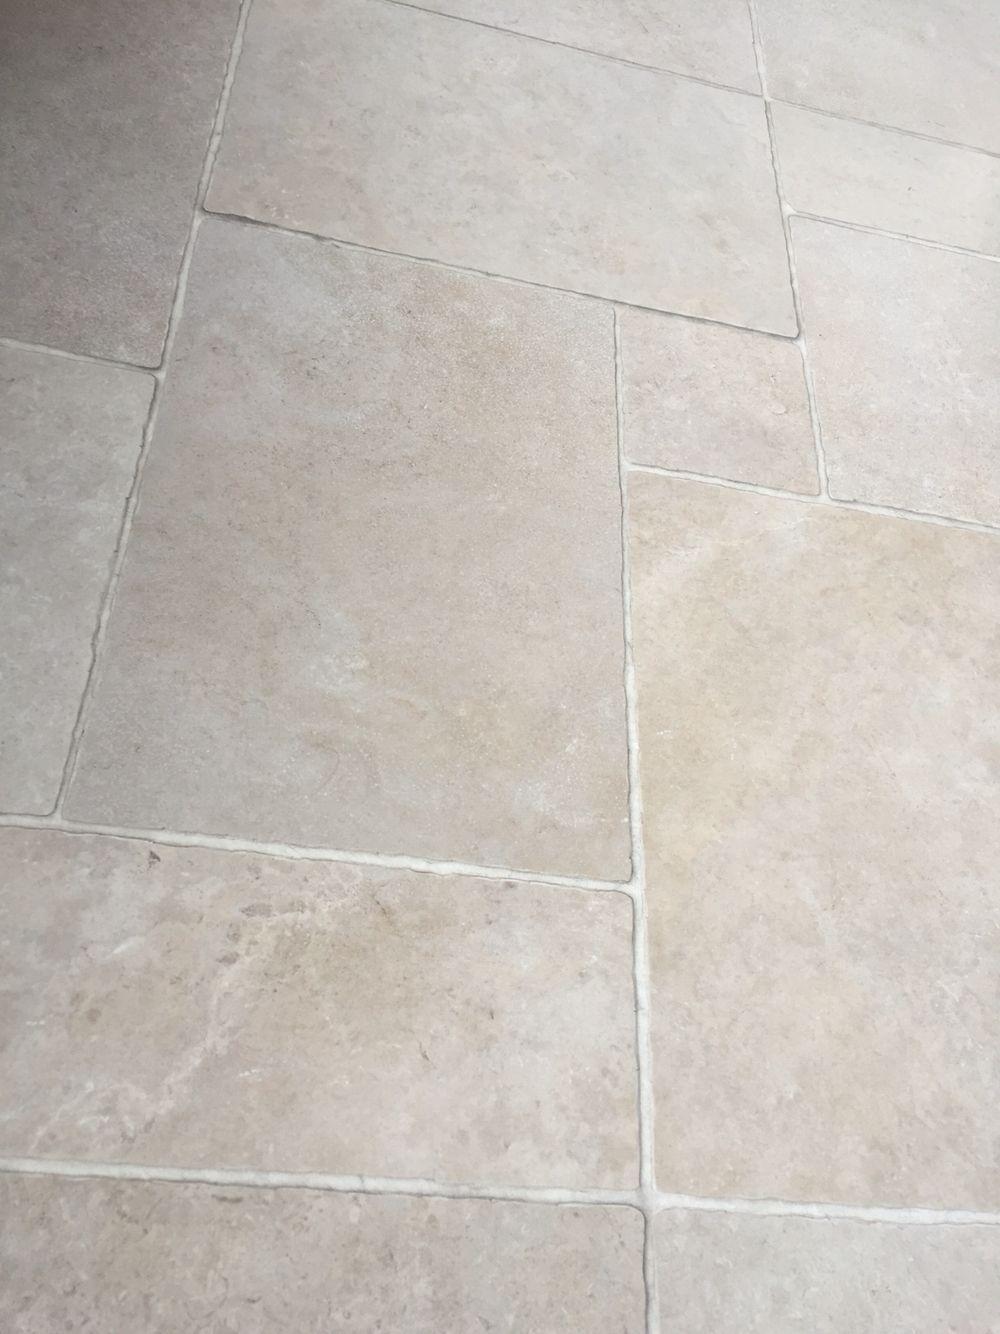 Natuursteen look kronos cava alborensis greige romaans verband kronos tegels pinterest - Imitatie cement tegels ...